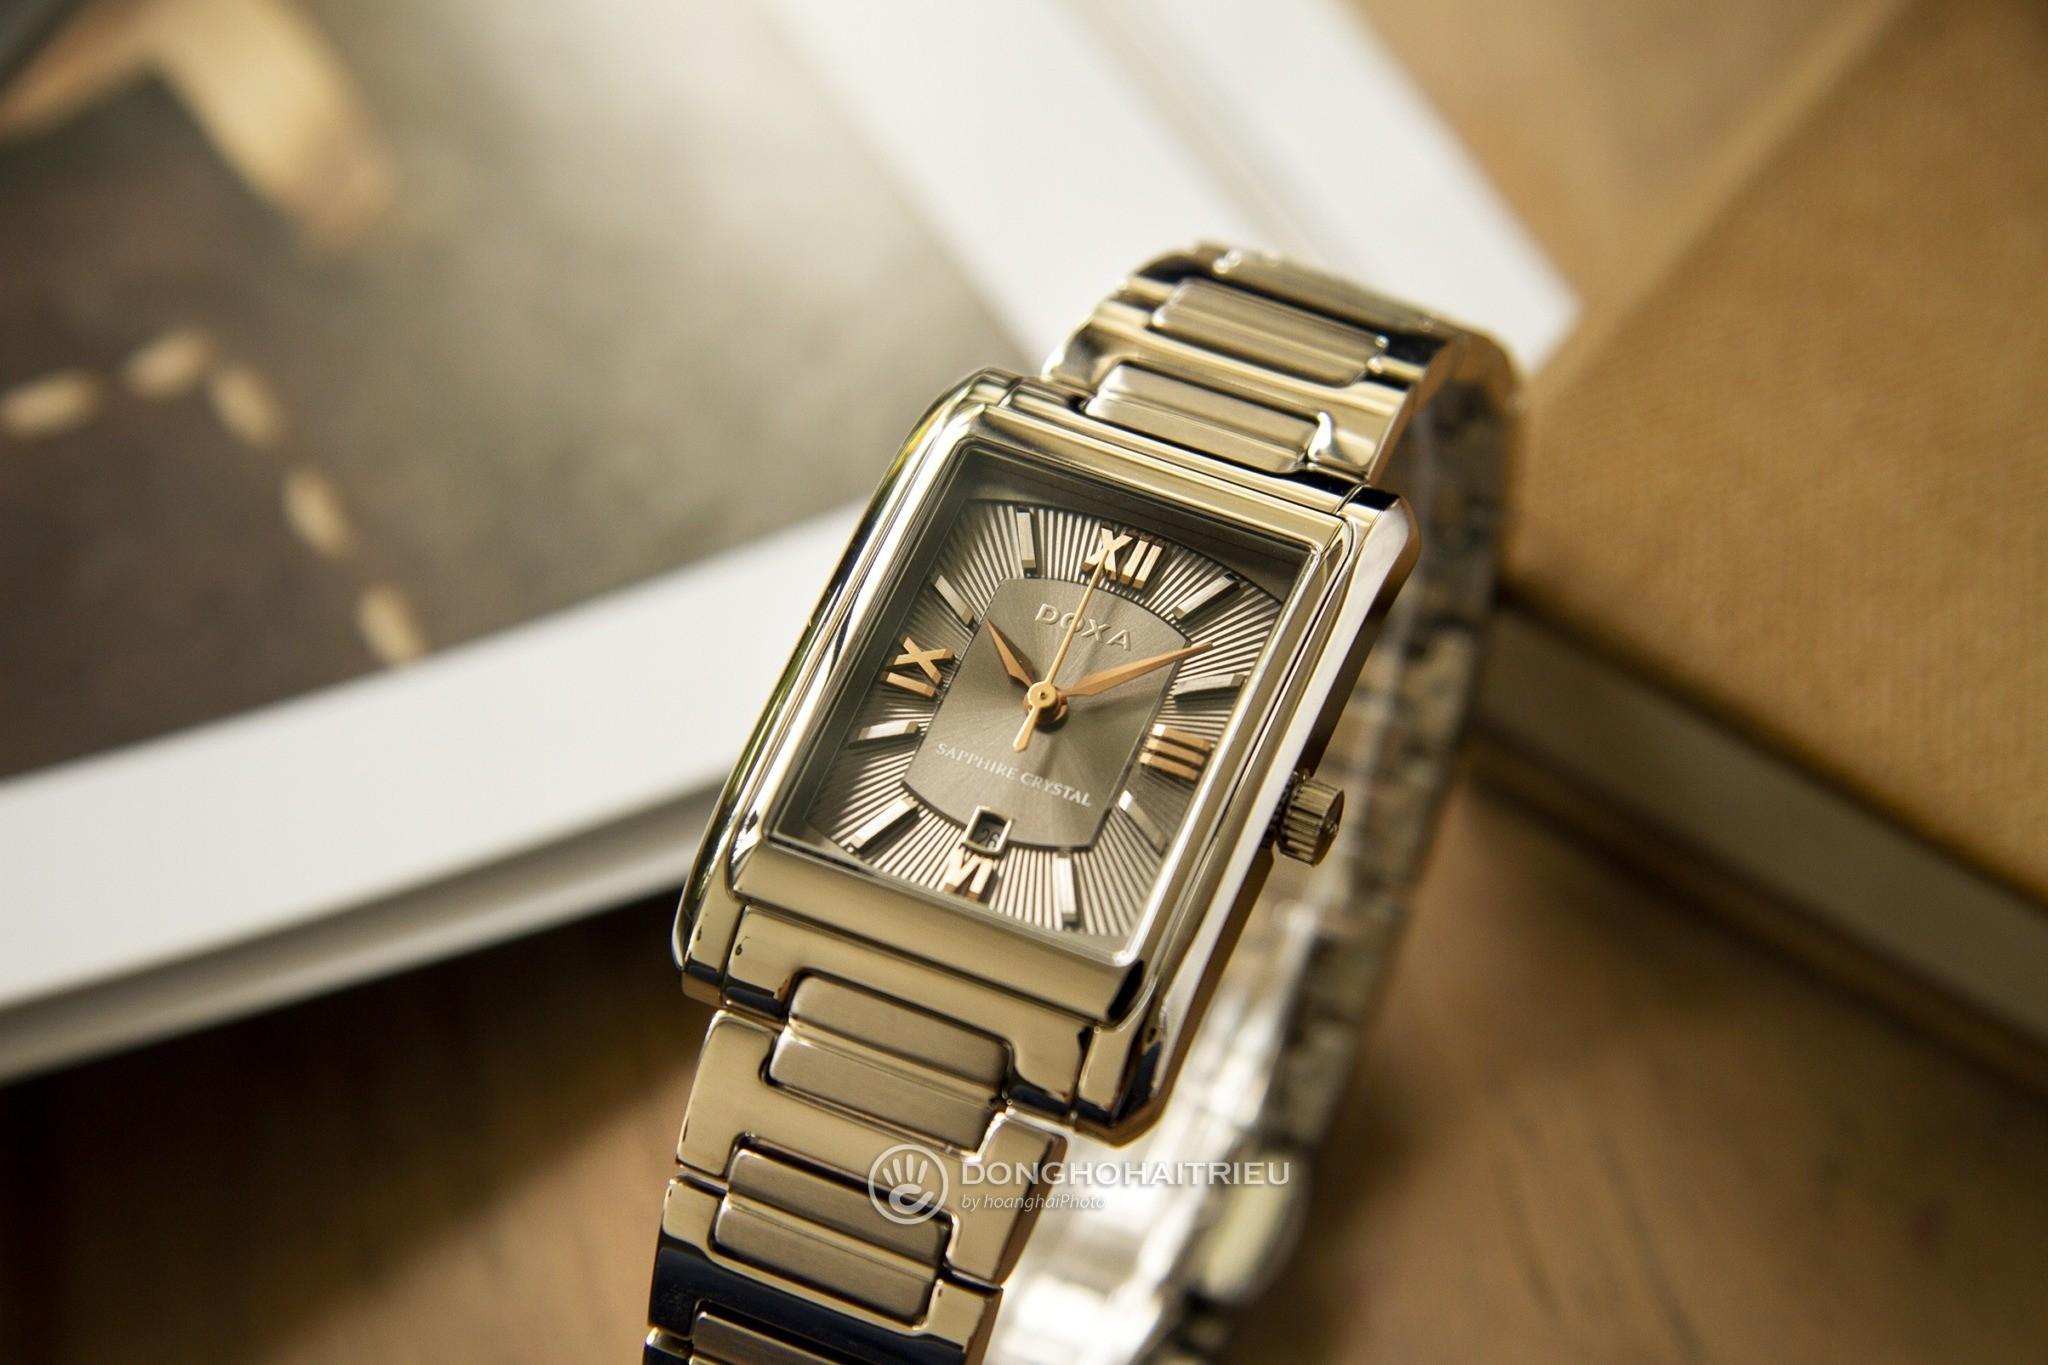 Khám phá đồng hồ Doxa D194SSV và 5 điểm cộng đắt giá nhất - Ảnh 2